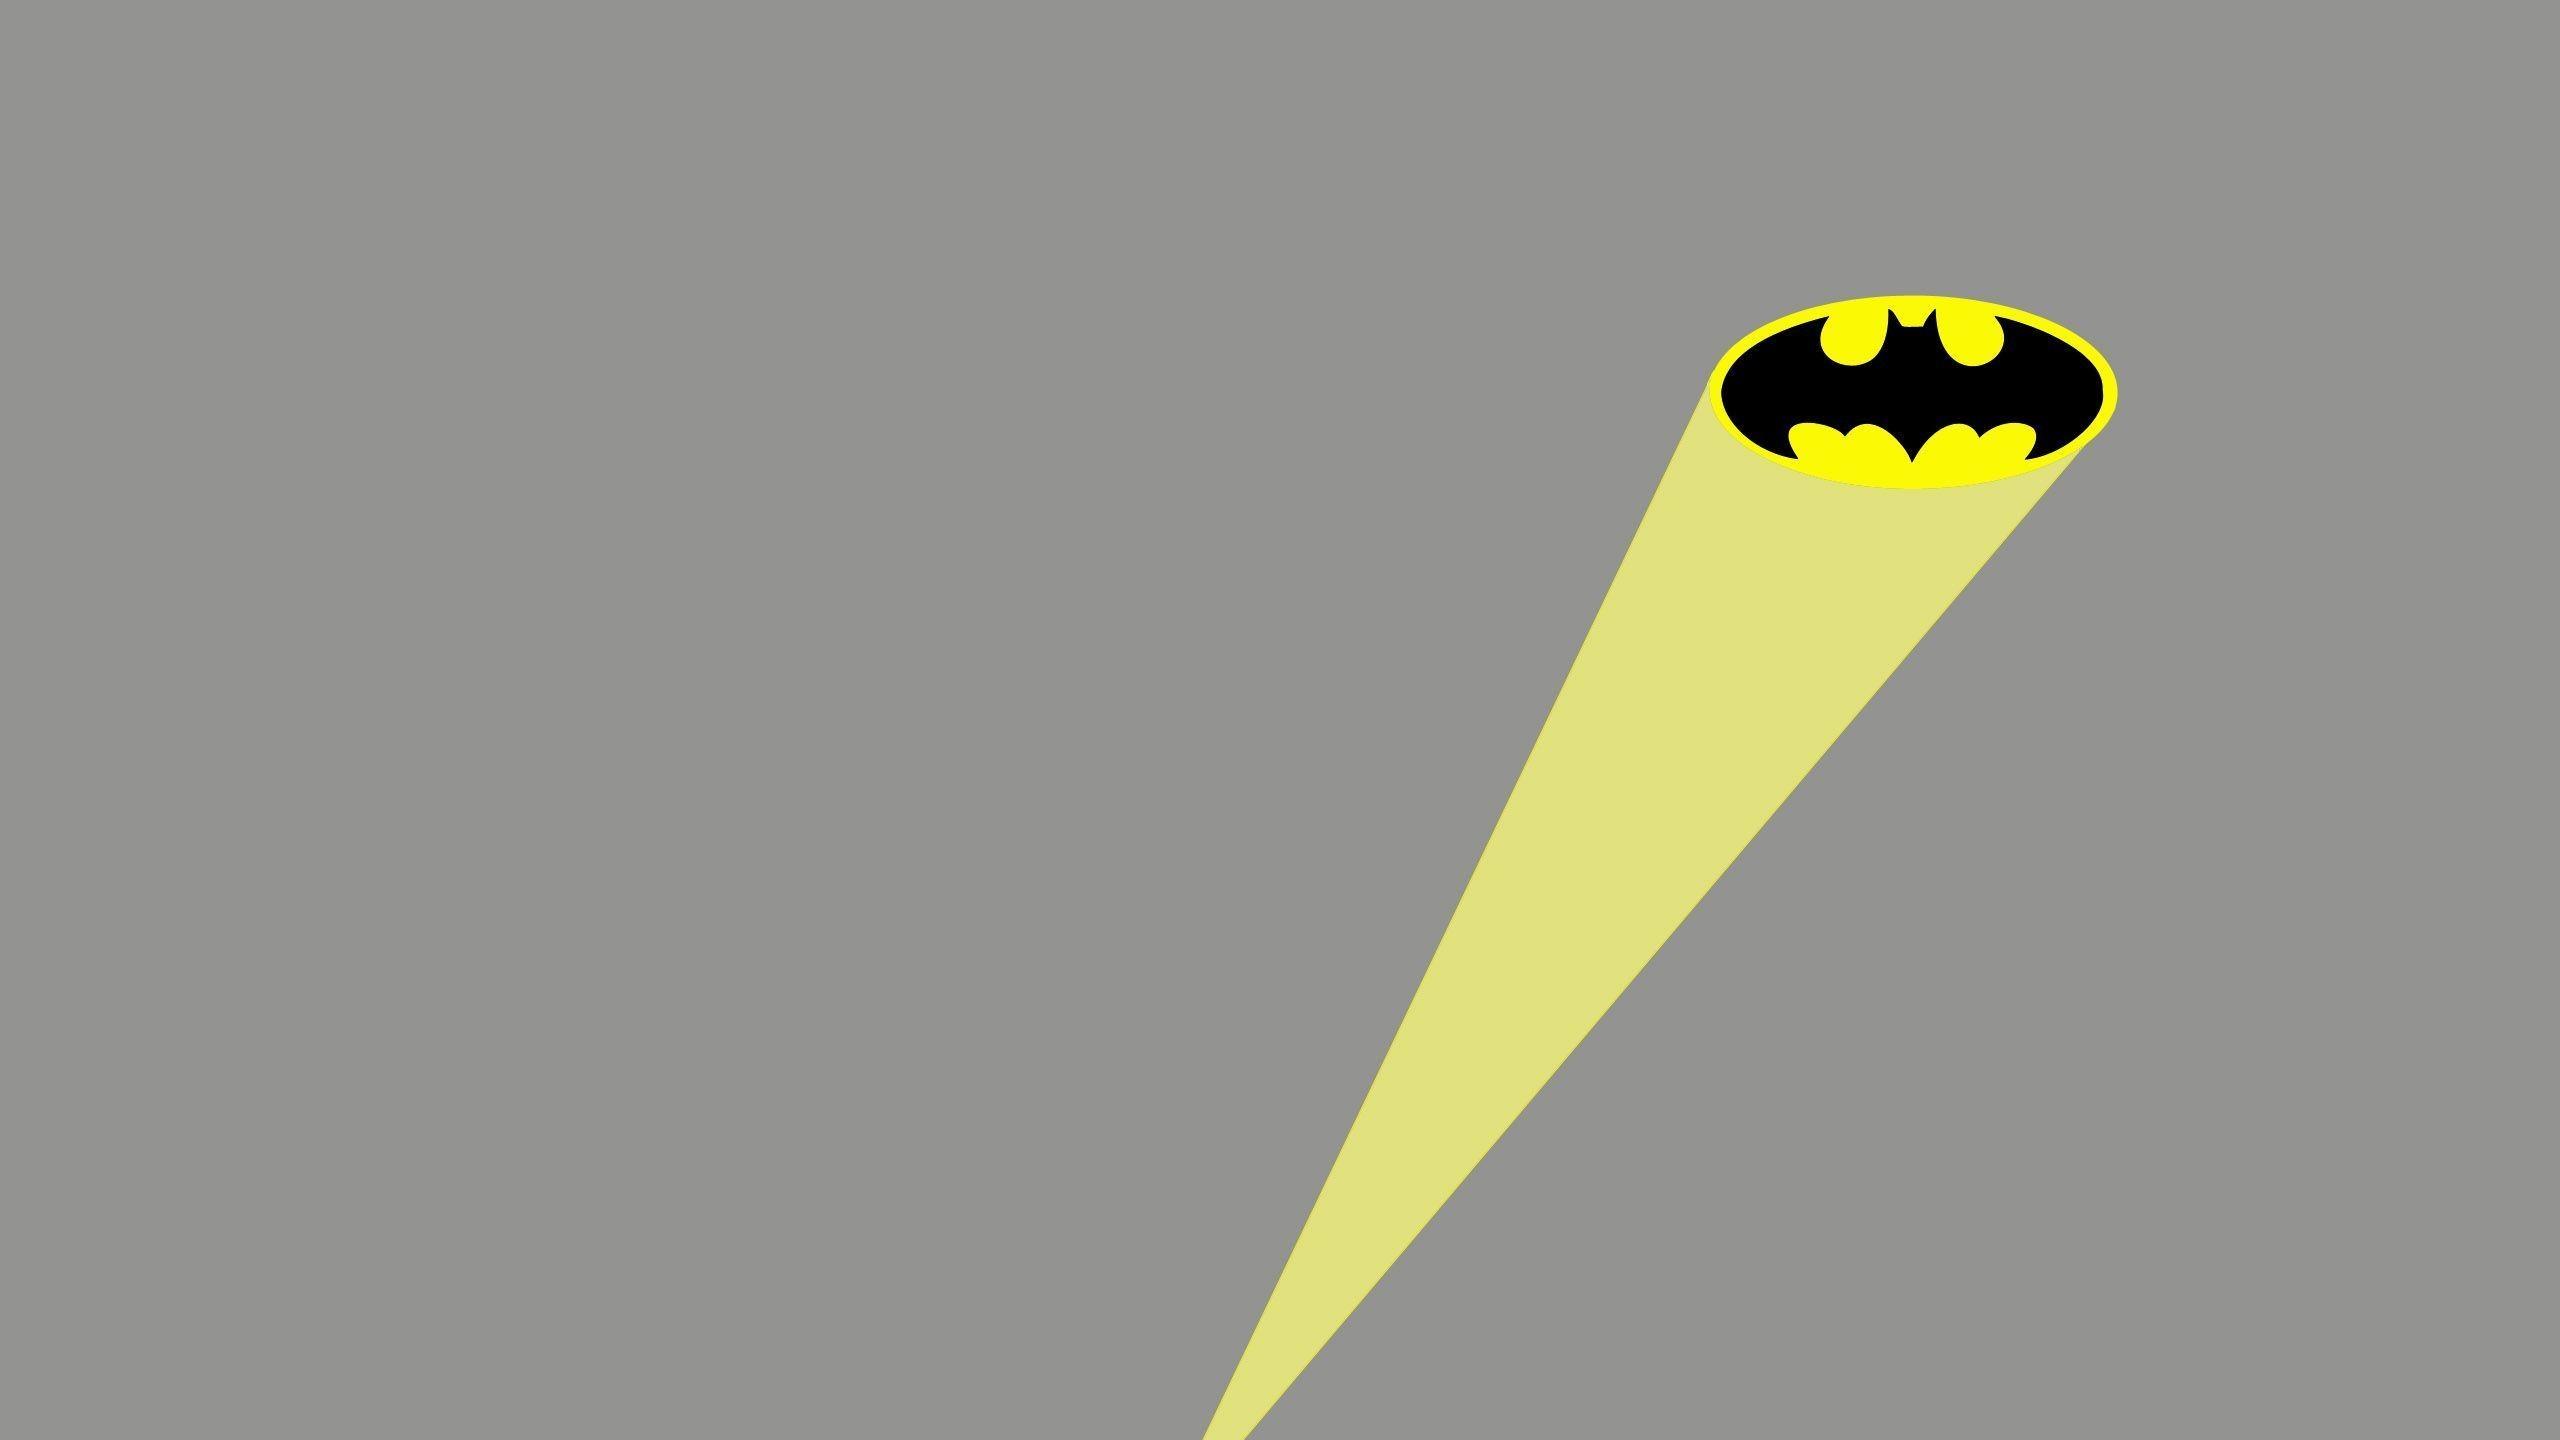 Bat Signal Bat Signal | HD Walls | Find Wallpapers